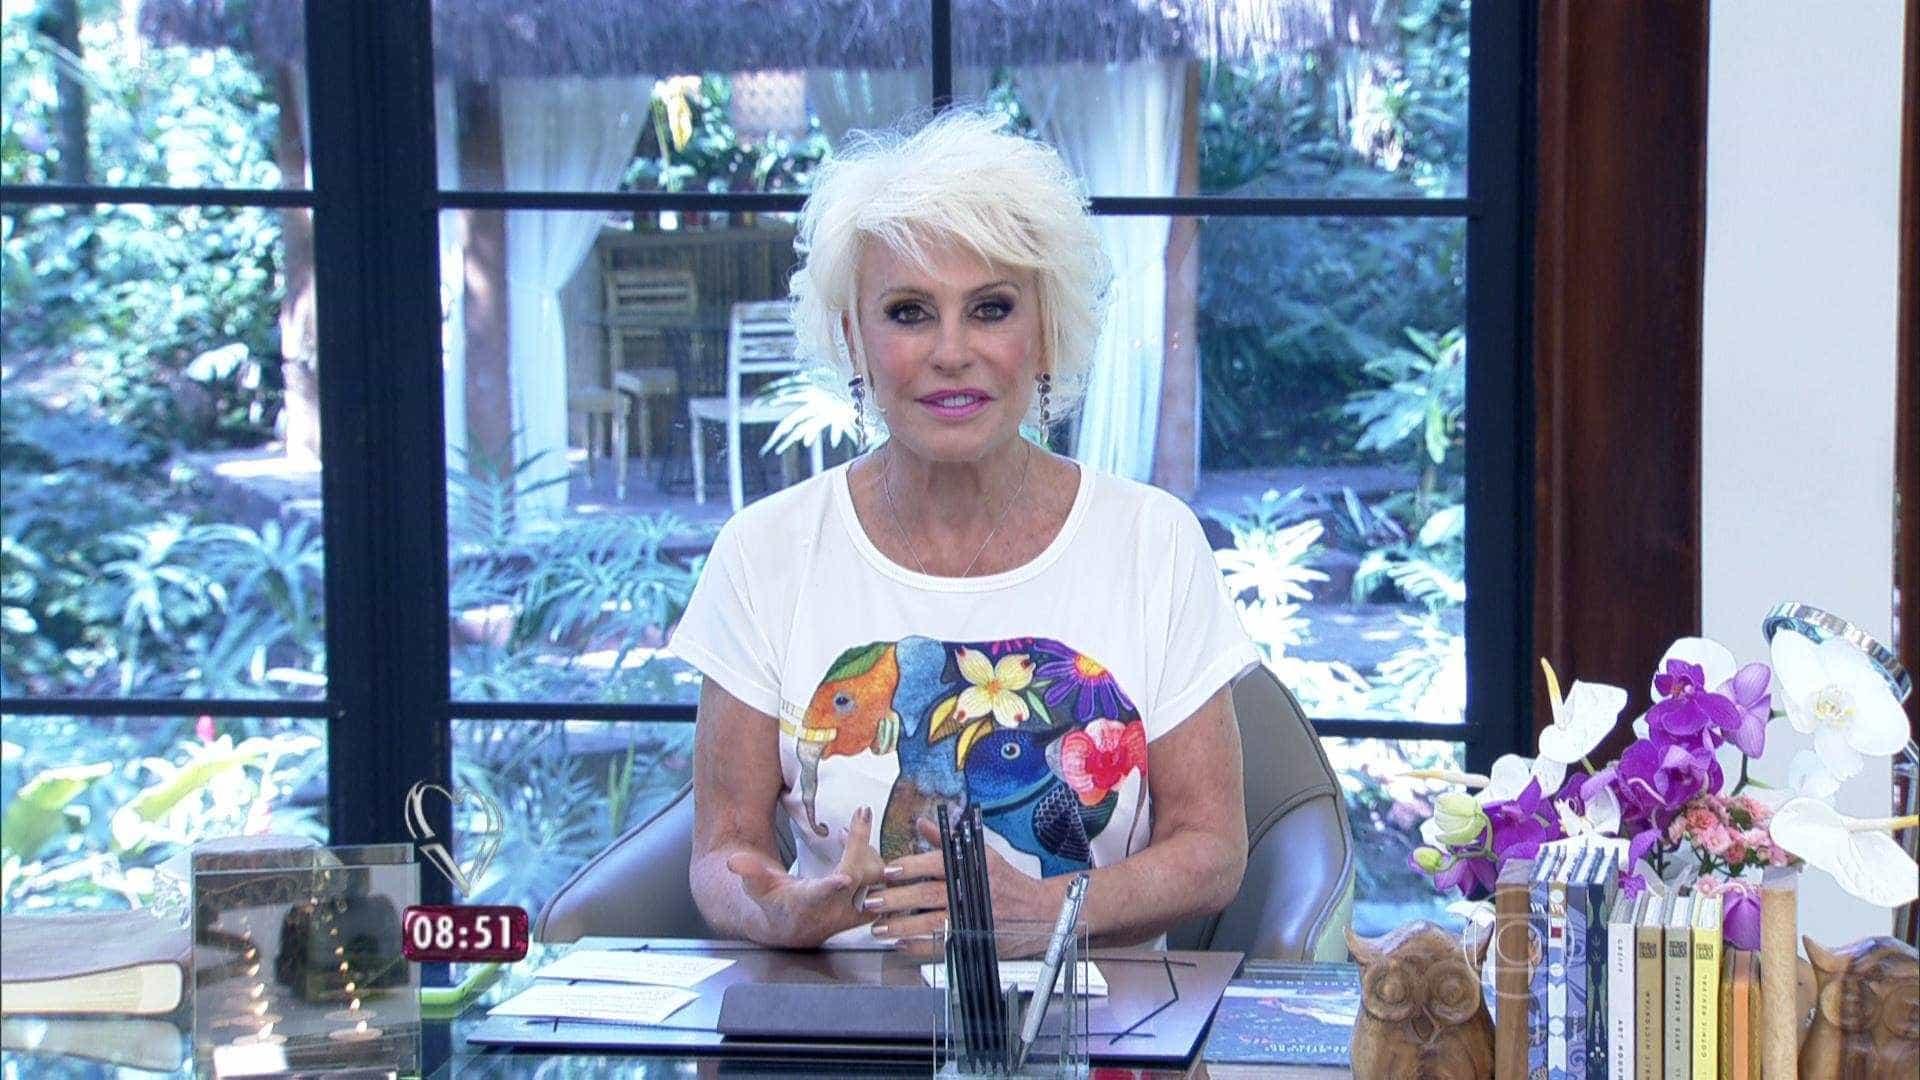 Ana Maria Braga diz que já teve conta falsa em app de relacionamento